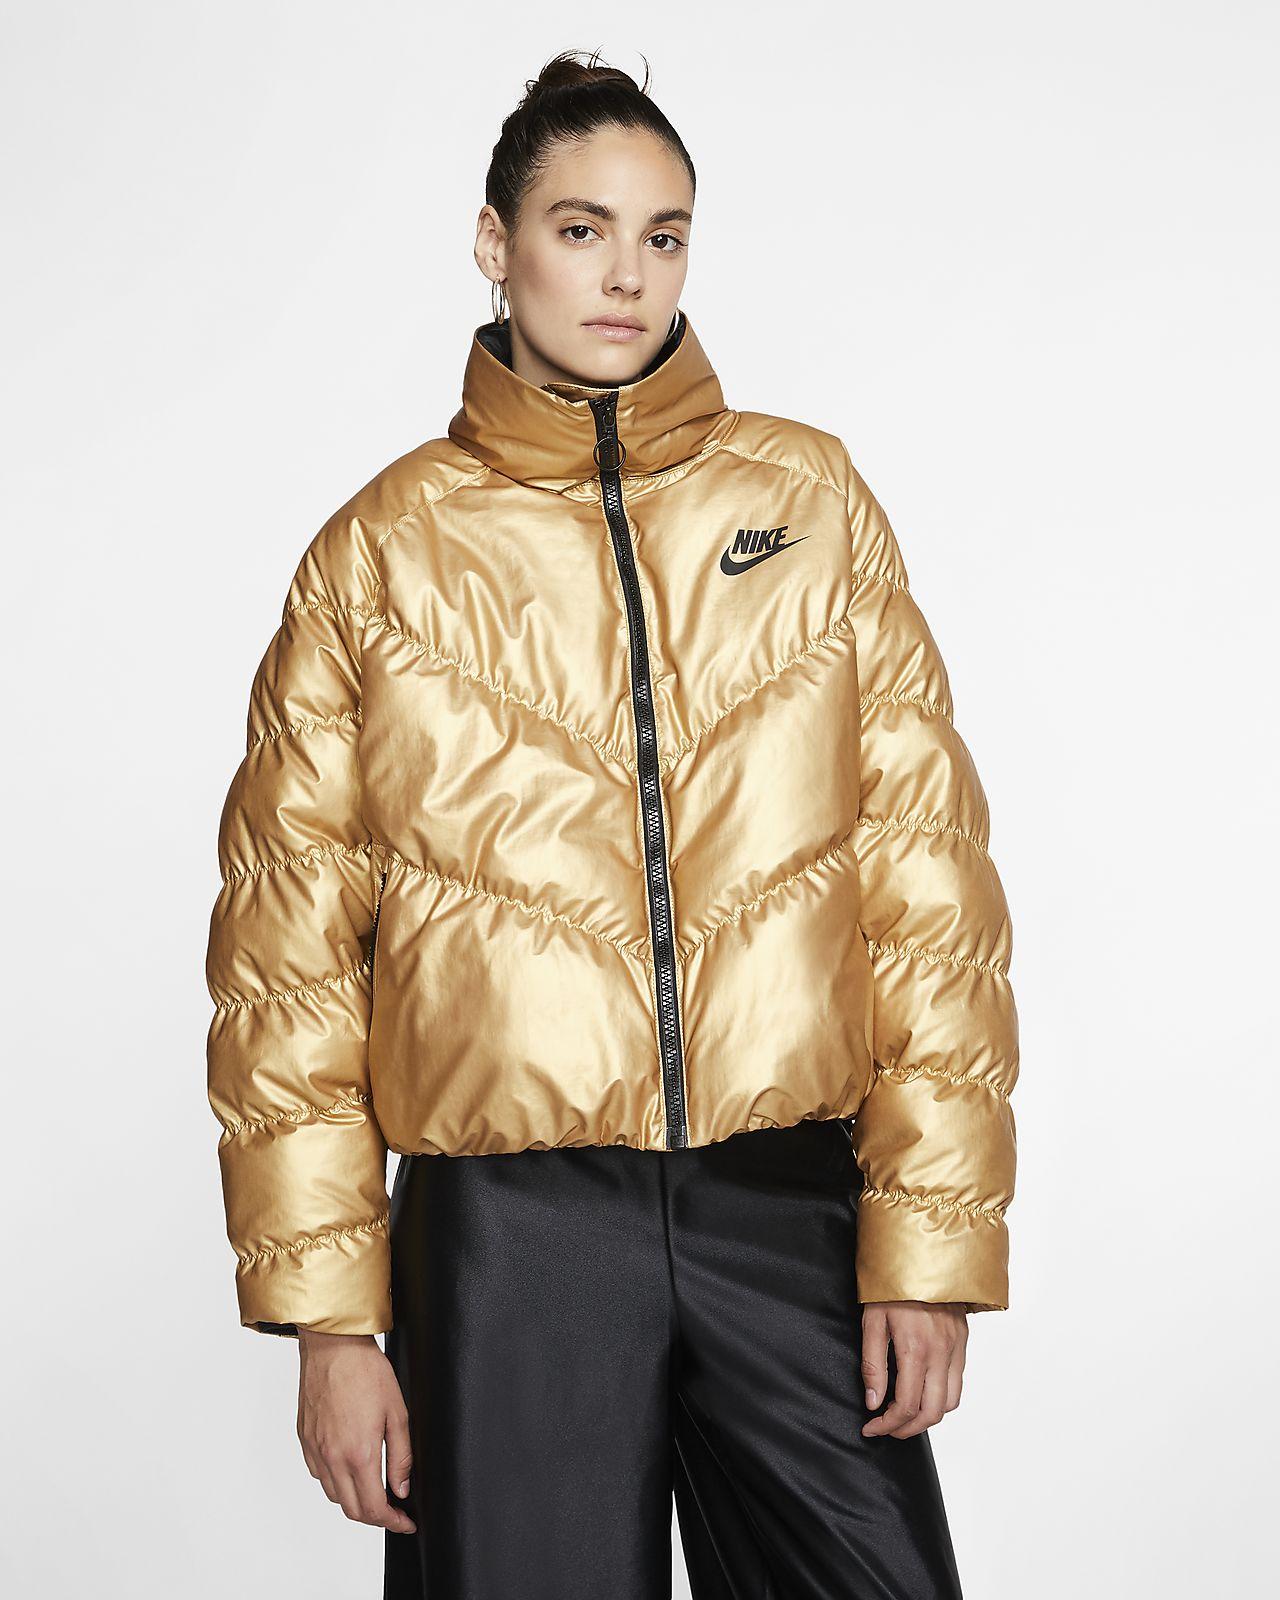 Damska, błyszcząca kurtka Nike Sportswear Synthetic-Fill